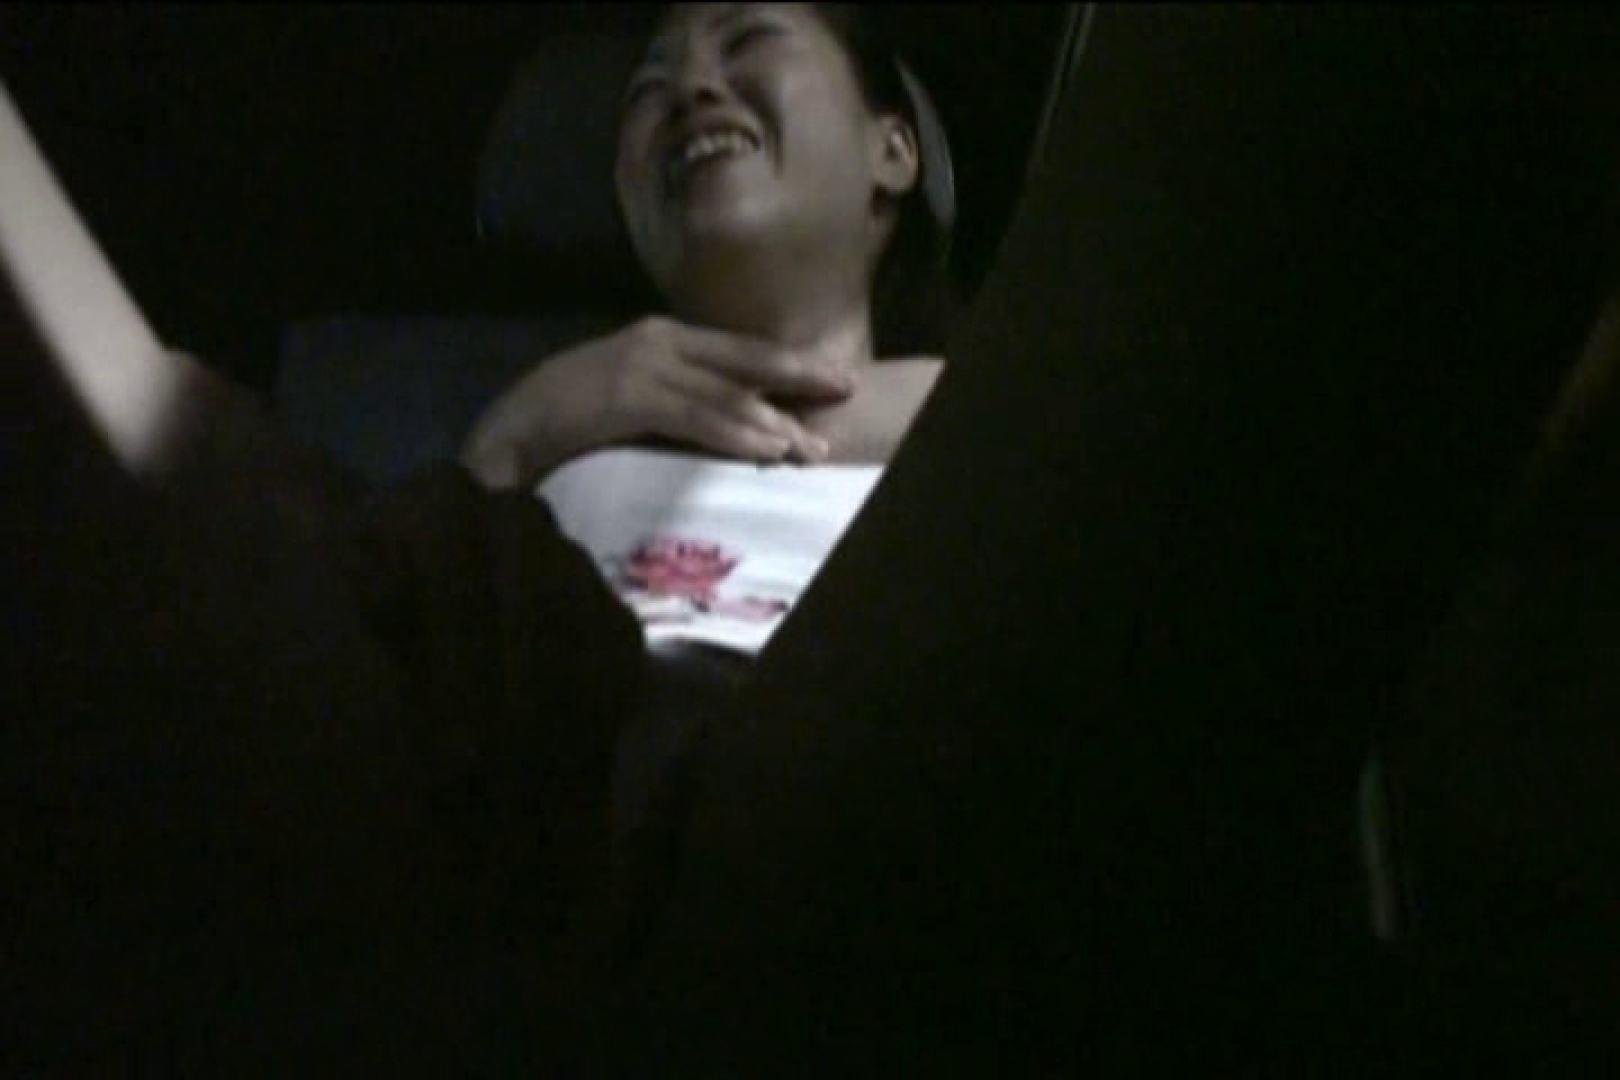 車内で初めまして! vol01 出会い系 おまんこ無修正動画無料 105連発 13